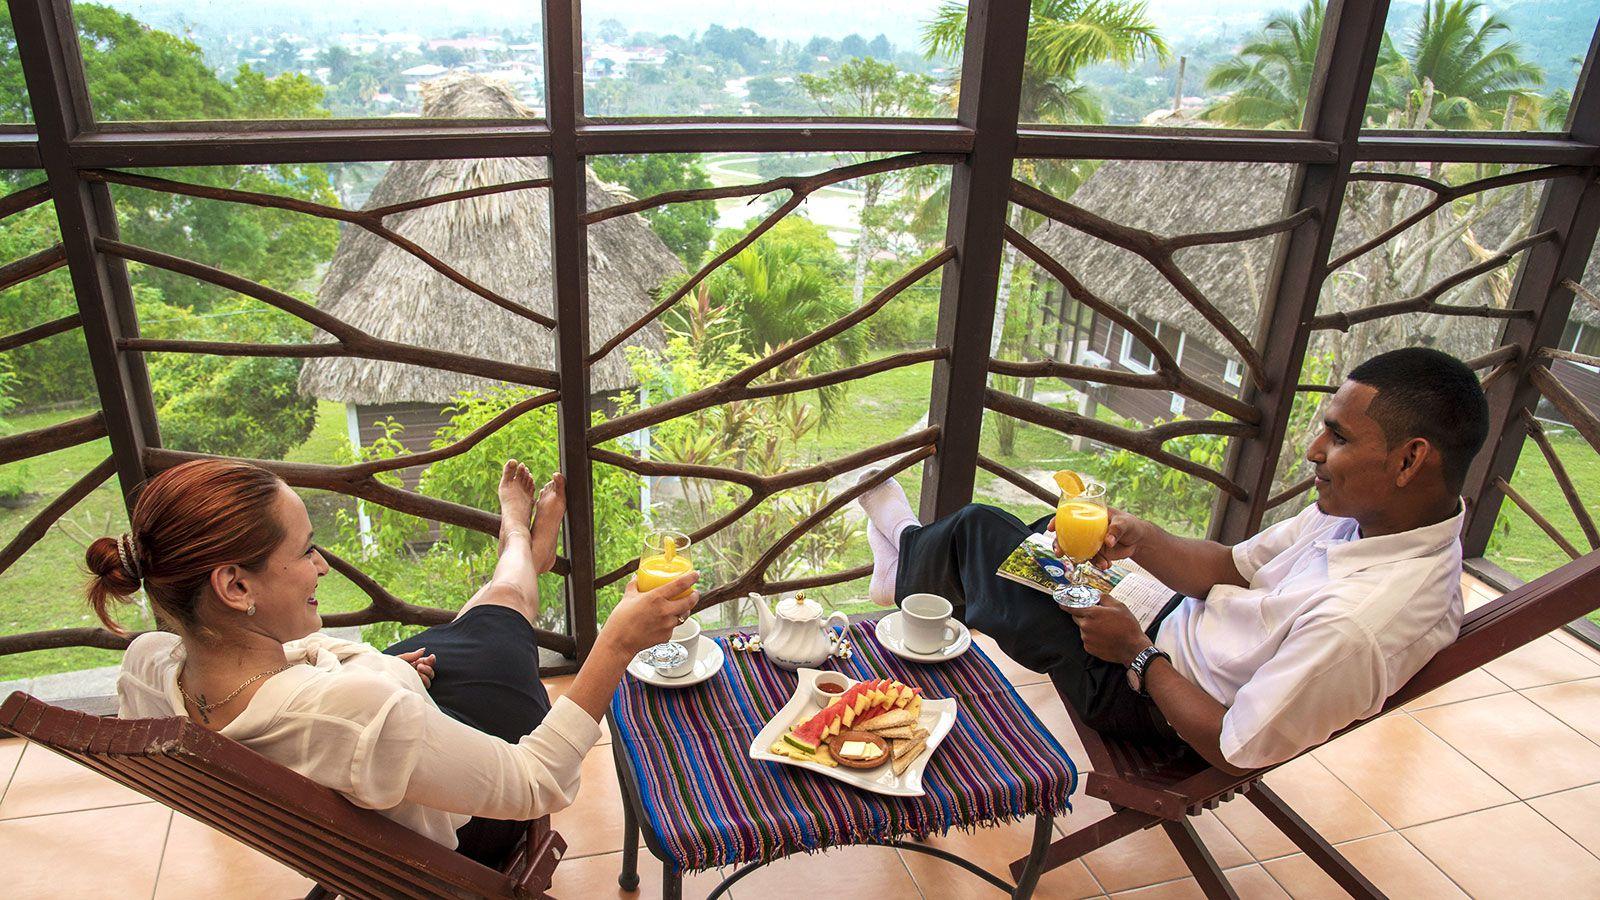 cahal pech best of belize resorts all inclusive belize resort